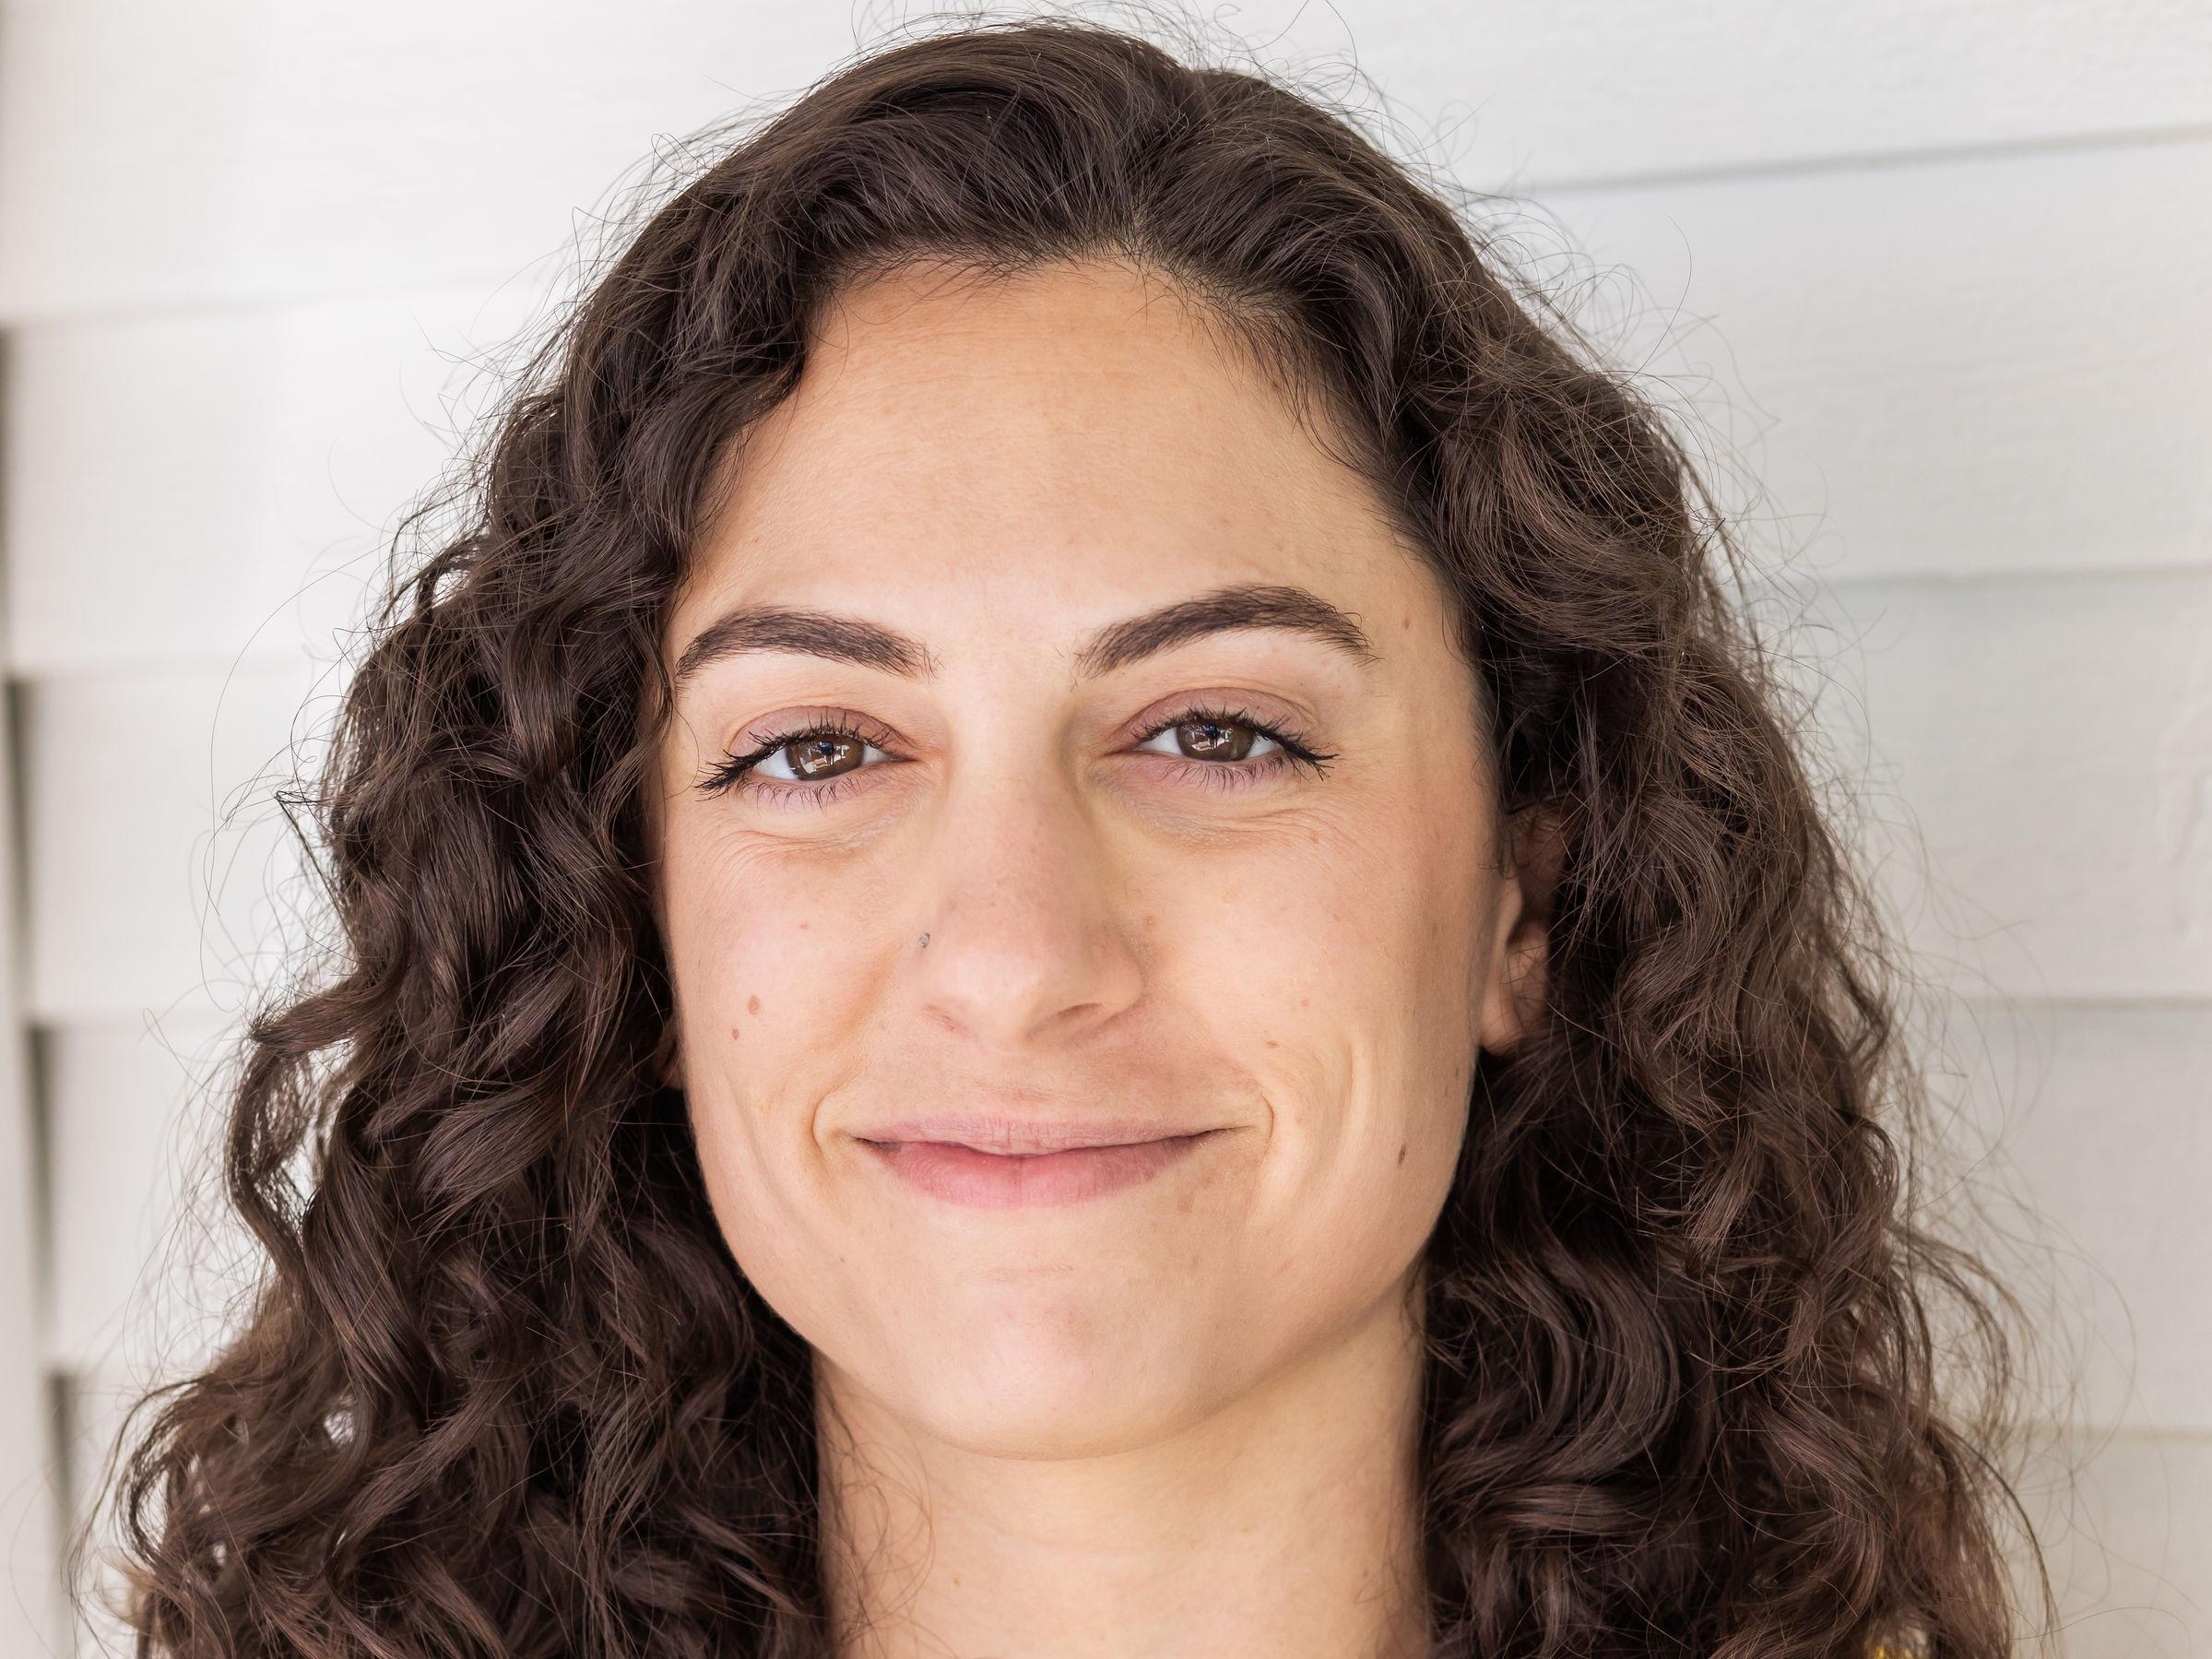 Jenna Slater